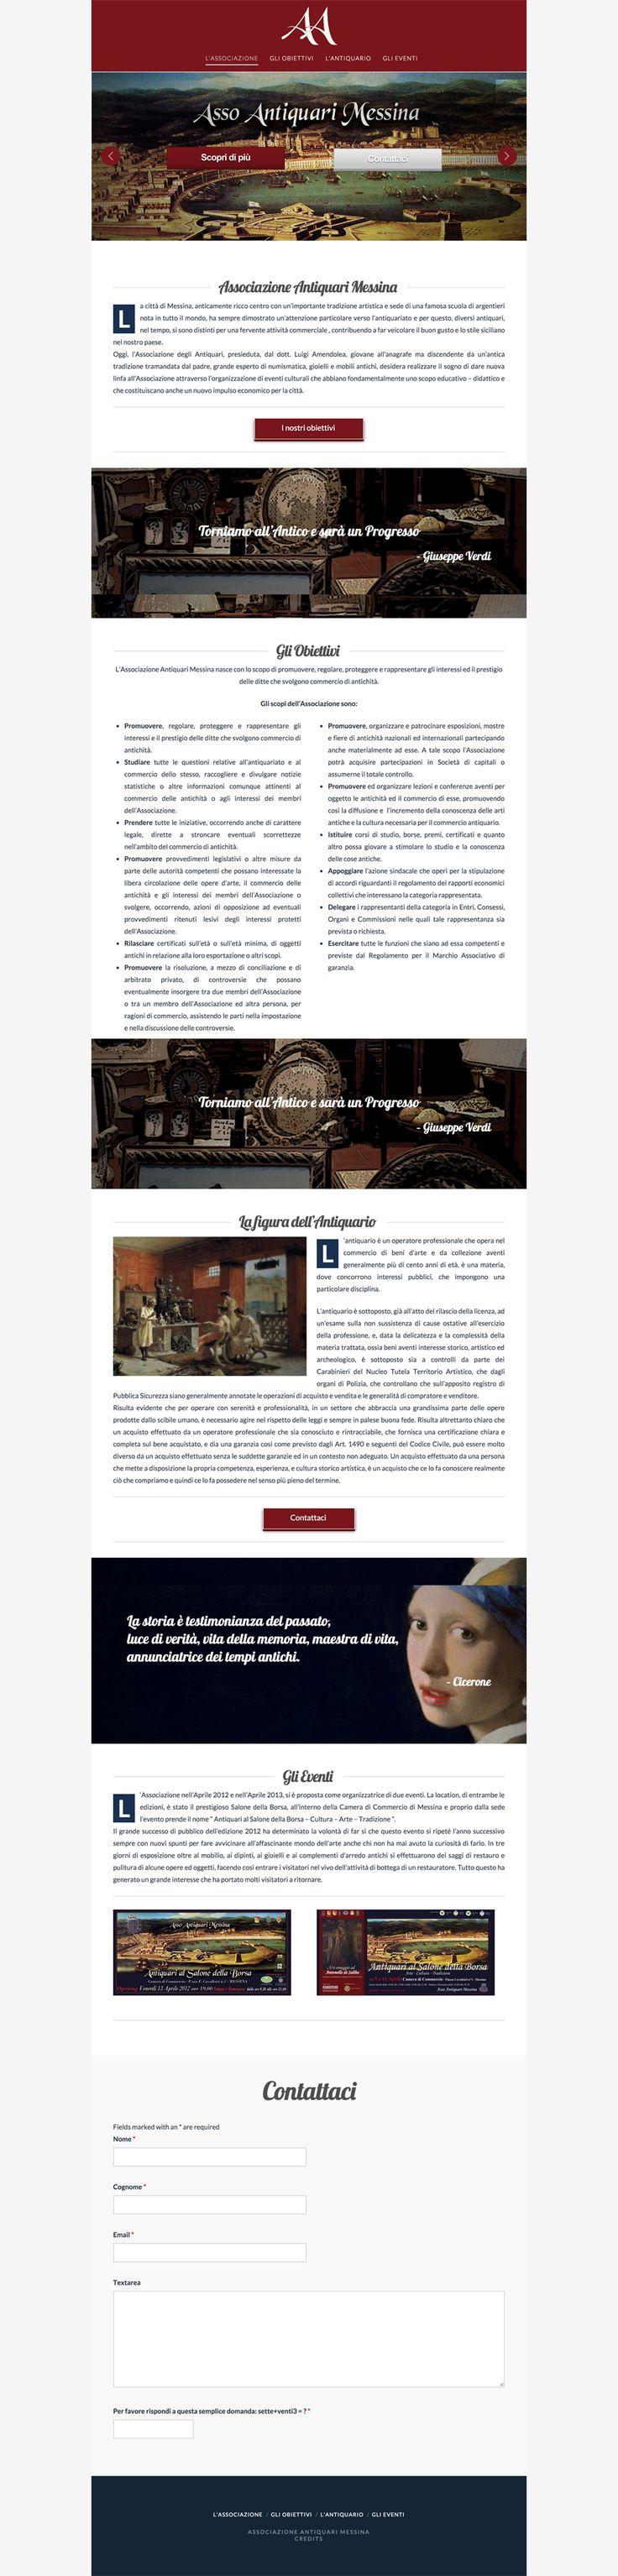 Sito web di presentazione per AssoAntiquari Messina - Messina - HomePage - Realizzato con Wordpress- Anno 2015